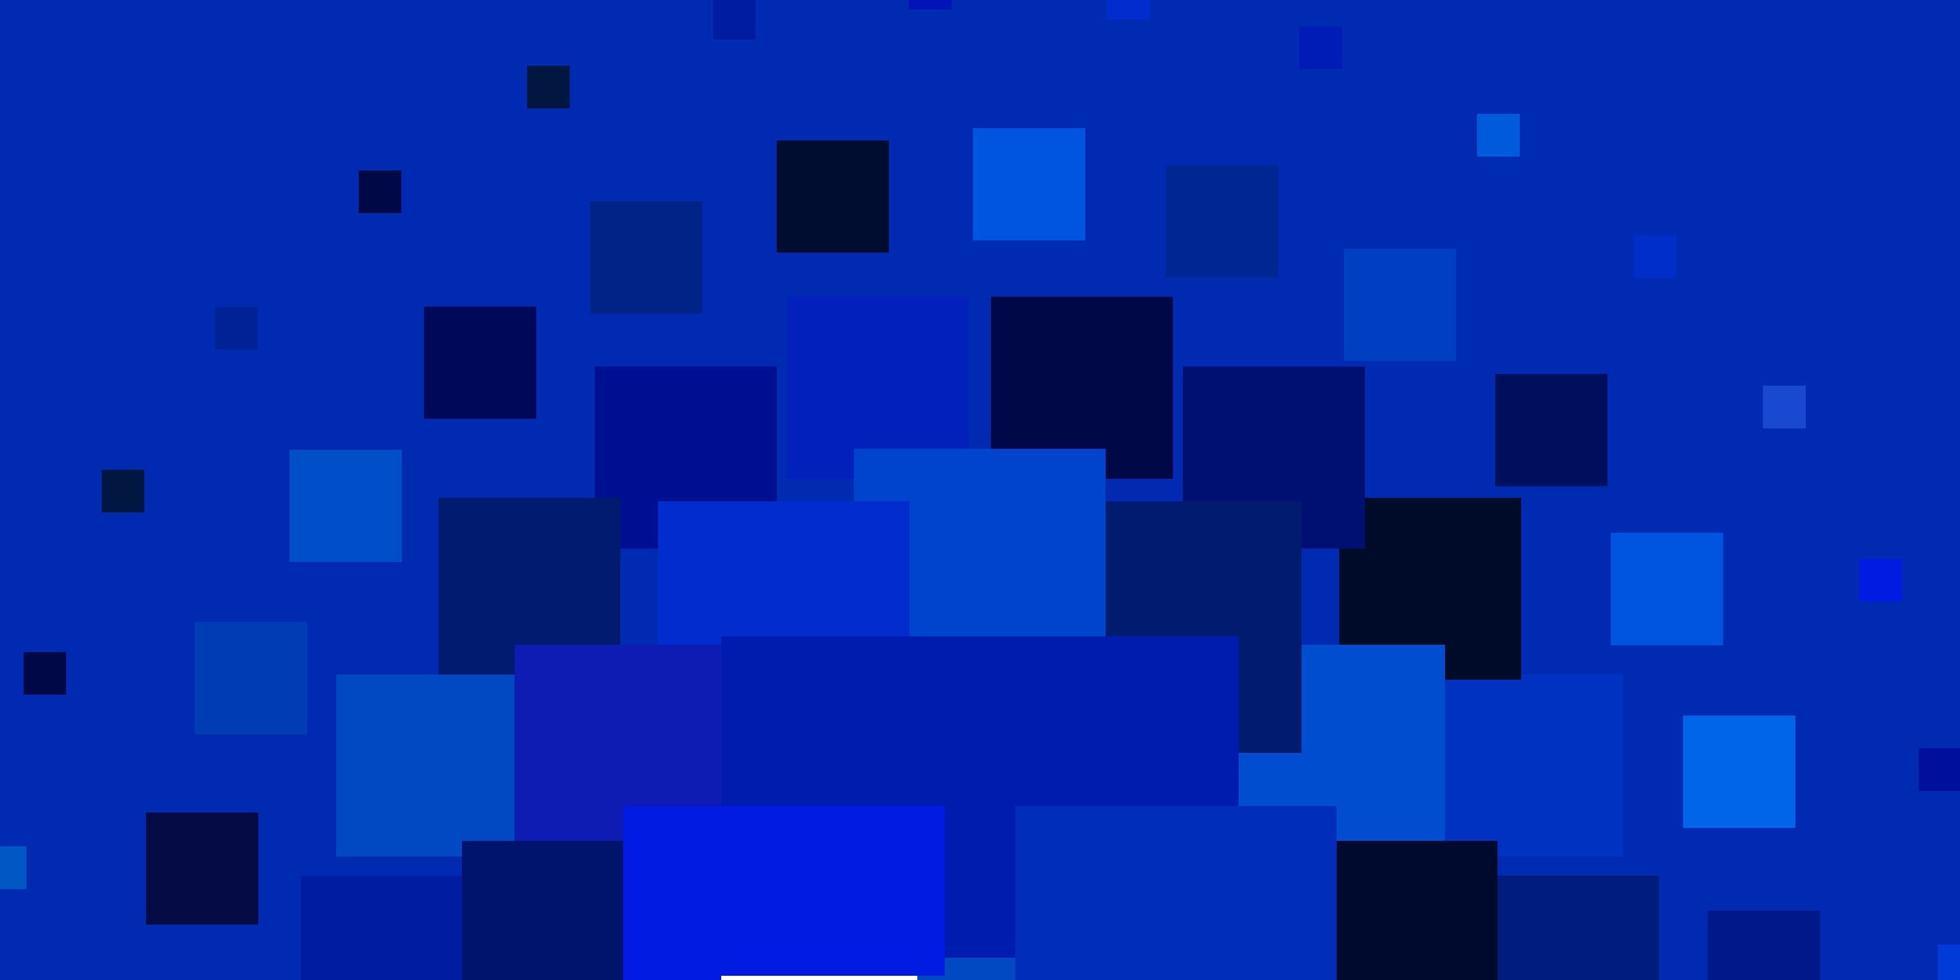 fondo azul claro en estilo poligonal. vector